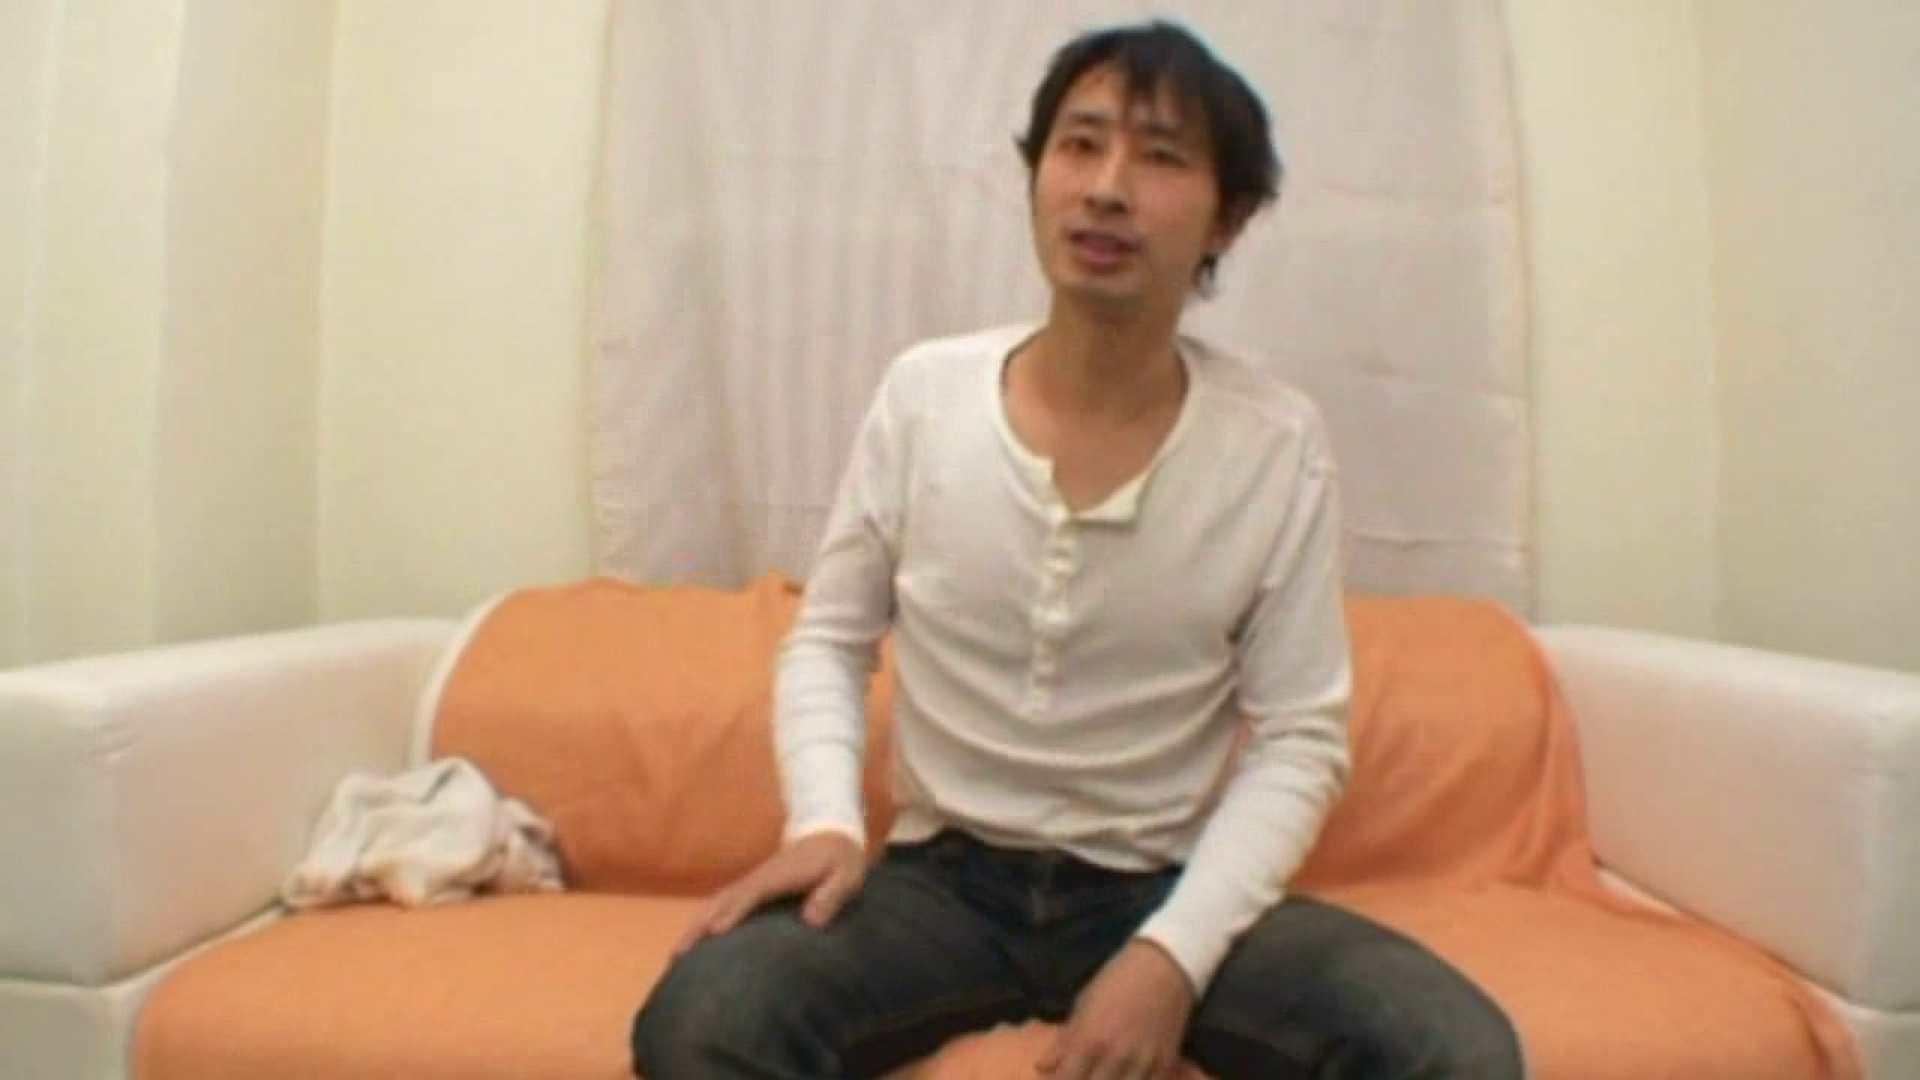 イケメンズエステティック倶楽部Case.02 イケメン ケツマンスケベ画像 99枚 78